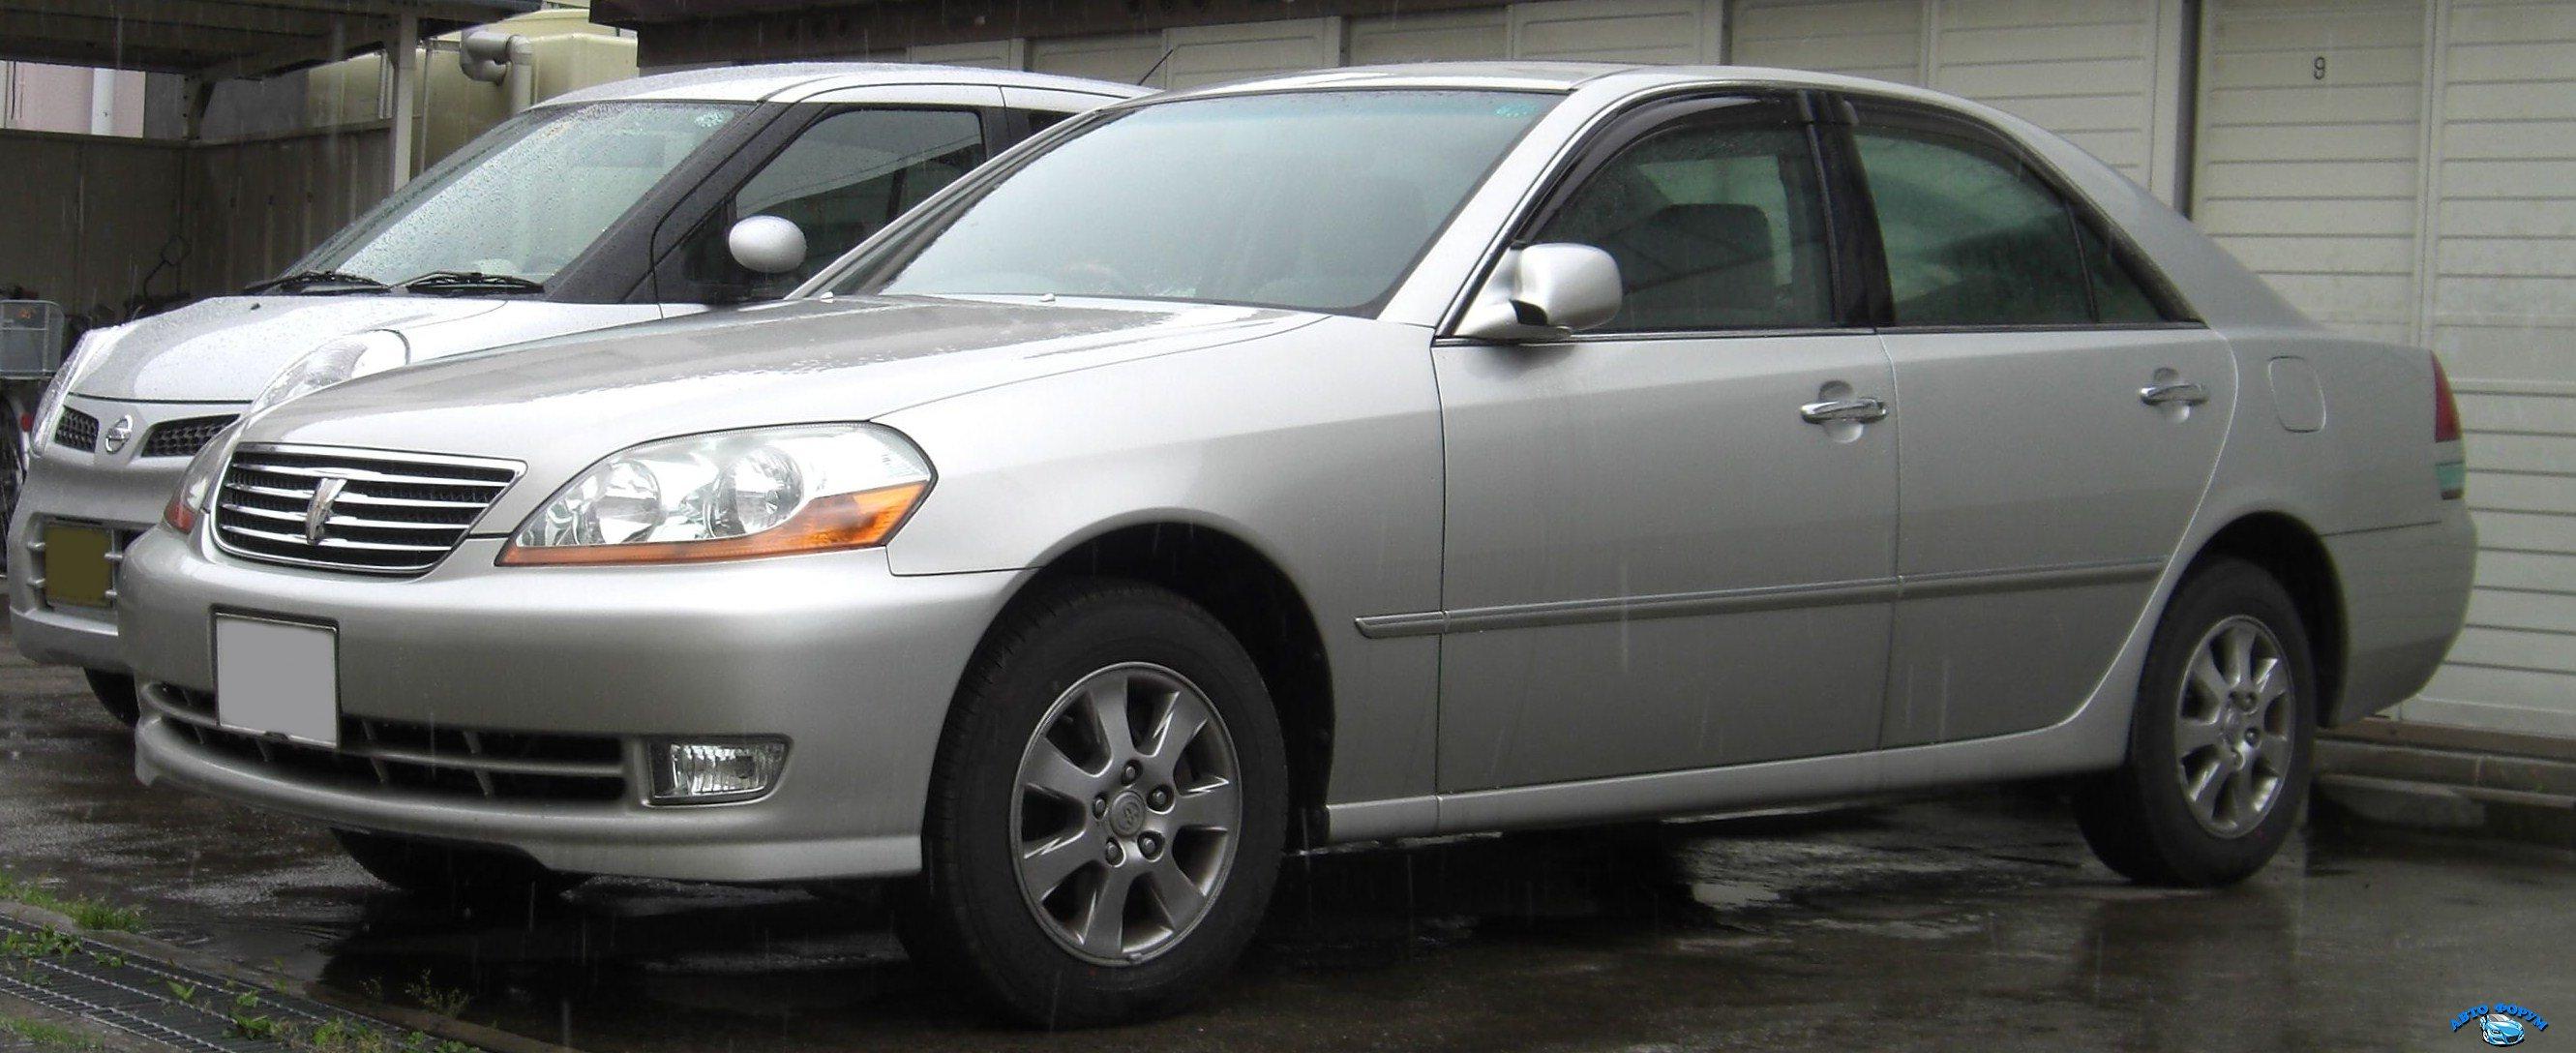 2002-2004_Toyota_Mark_II.jpg